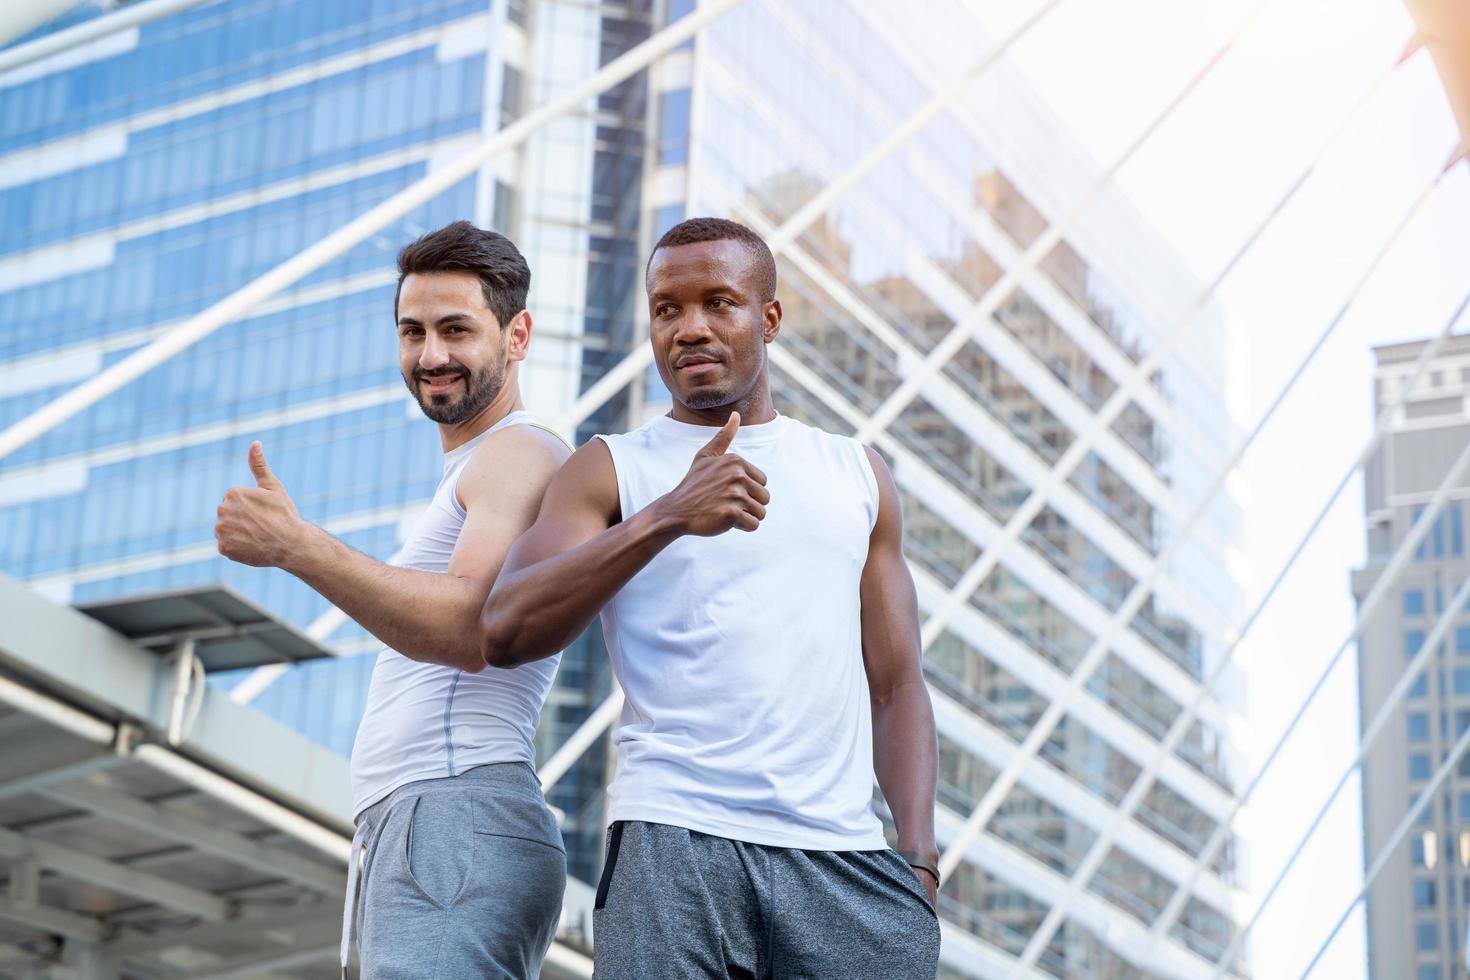 deux hommes en tenue de sport en scène de ville photo